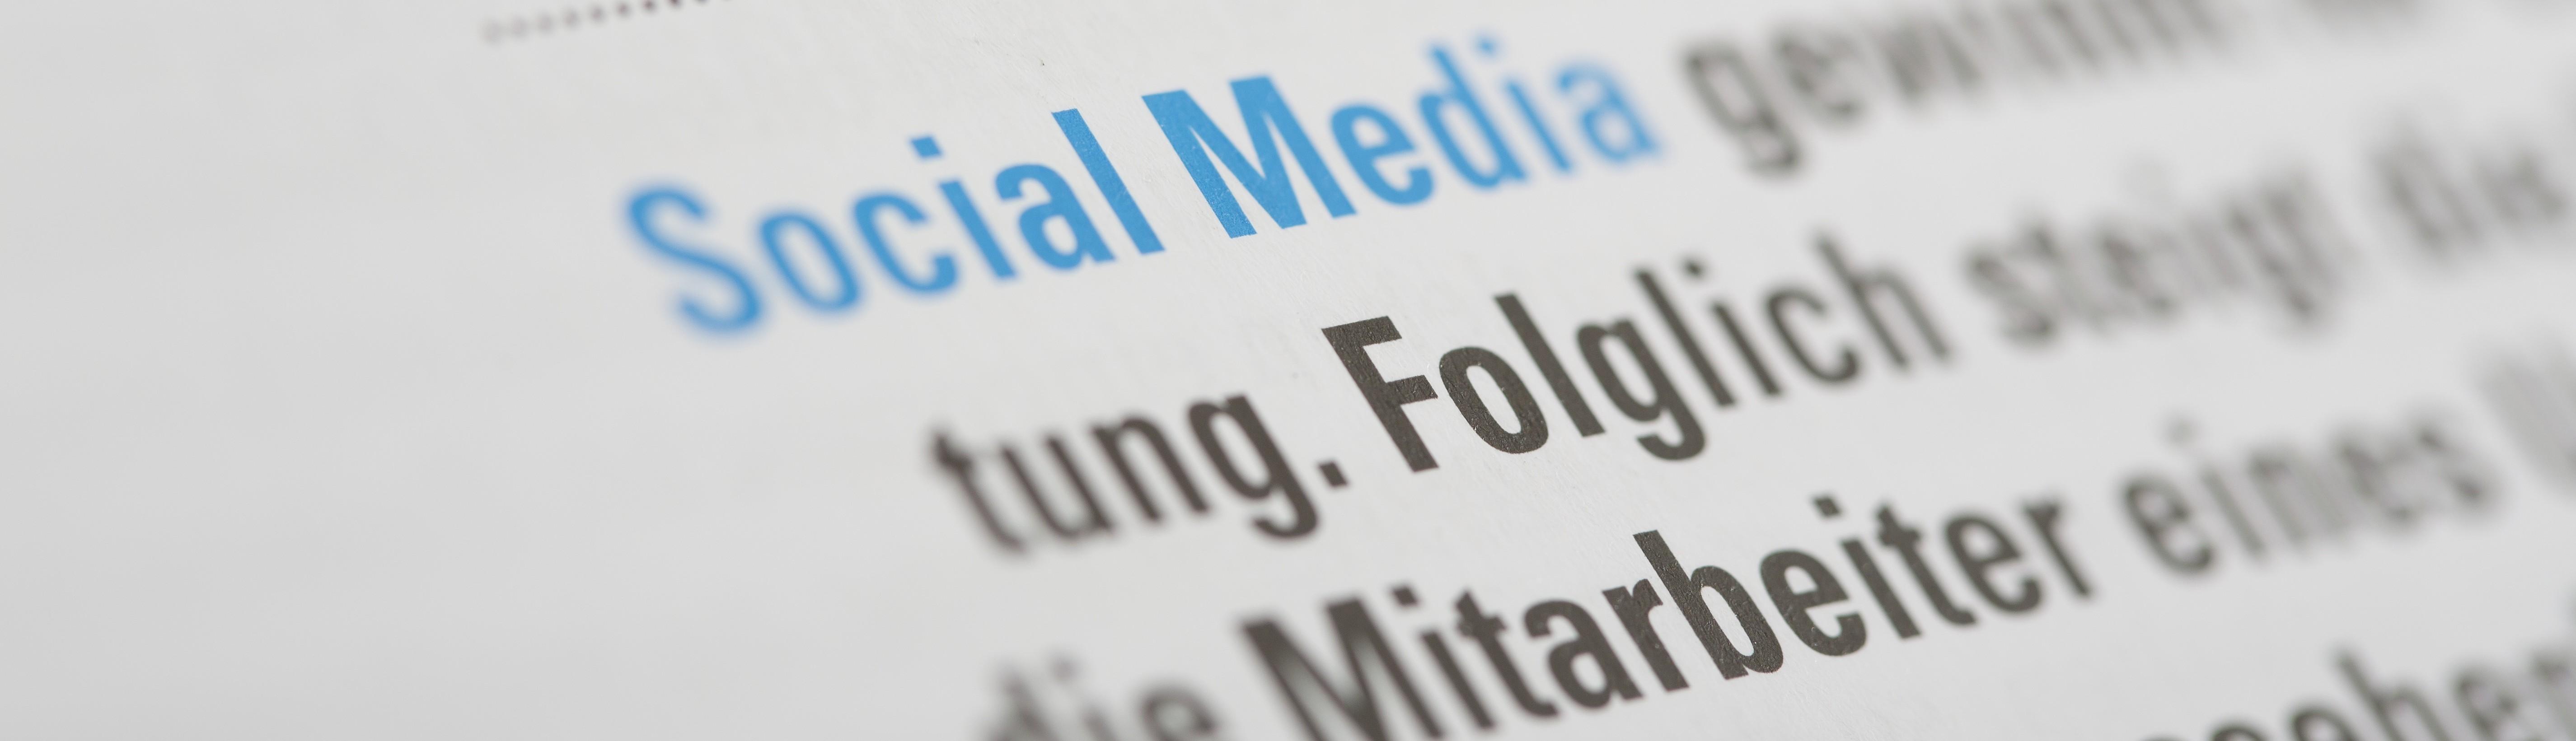 Social-Media-Mood-e1372340640896